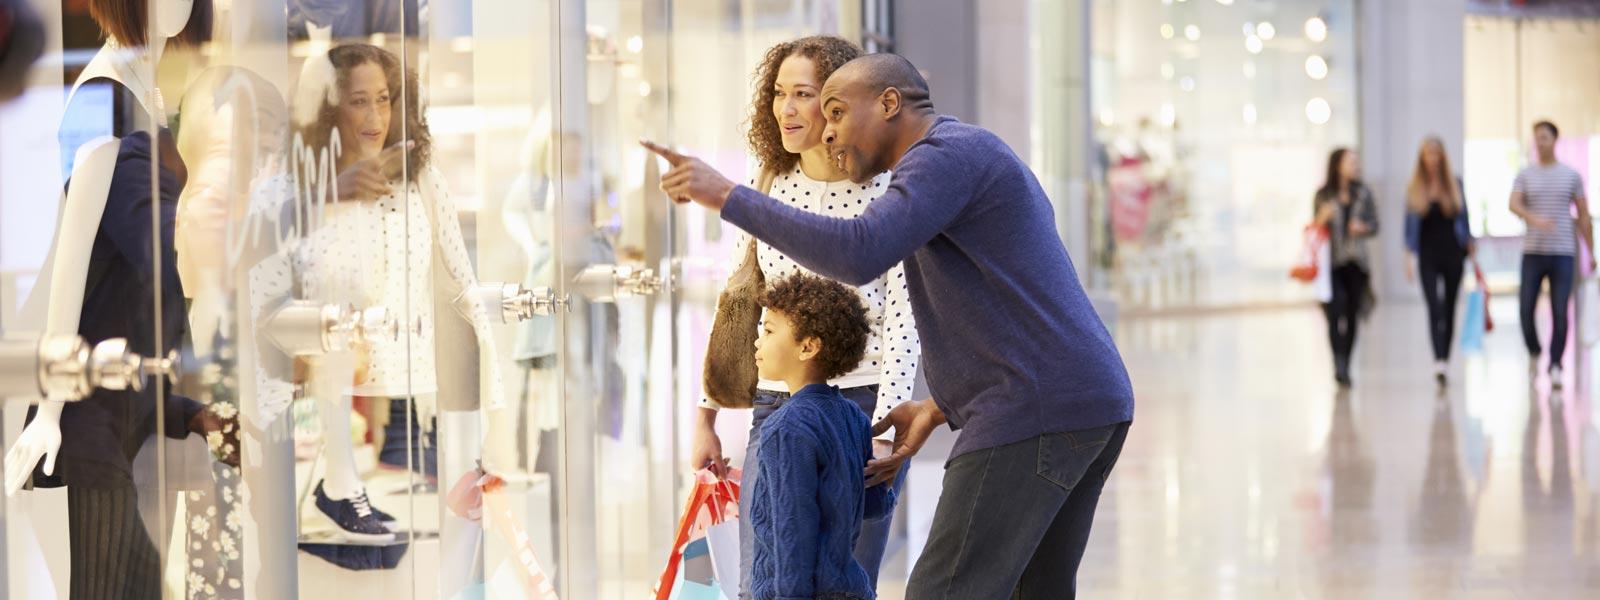 retail-shopping.jpg